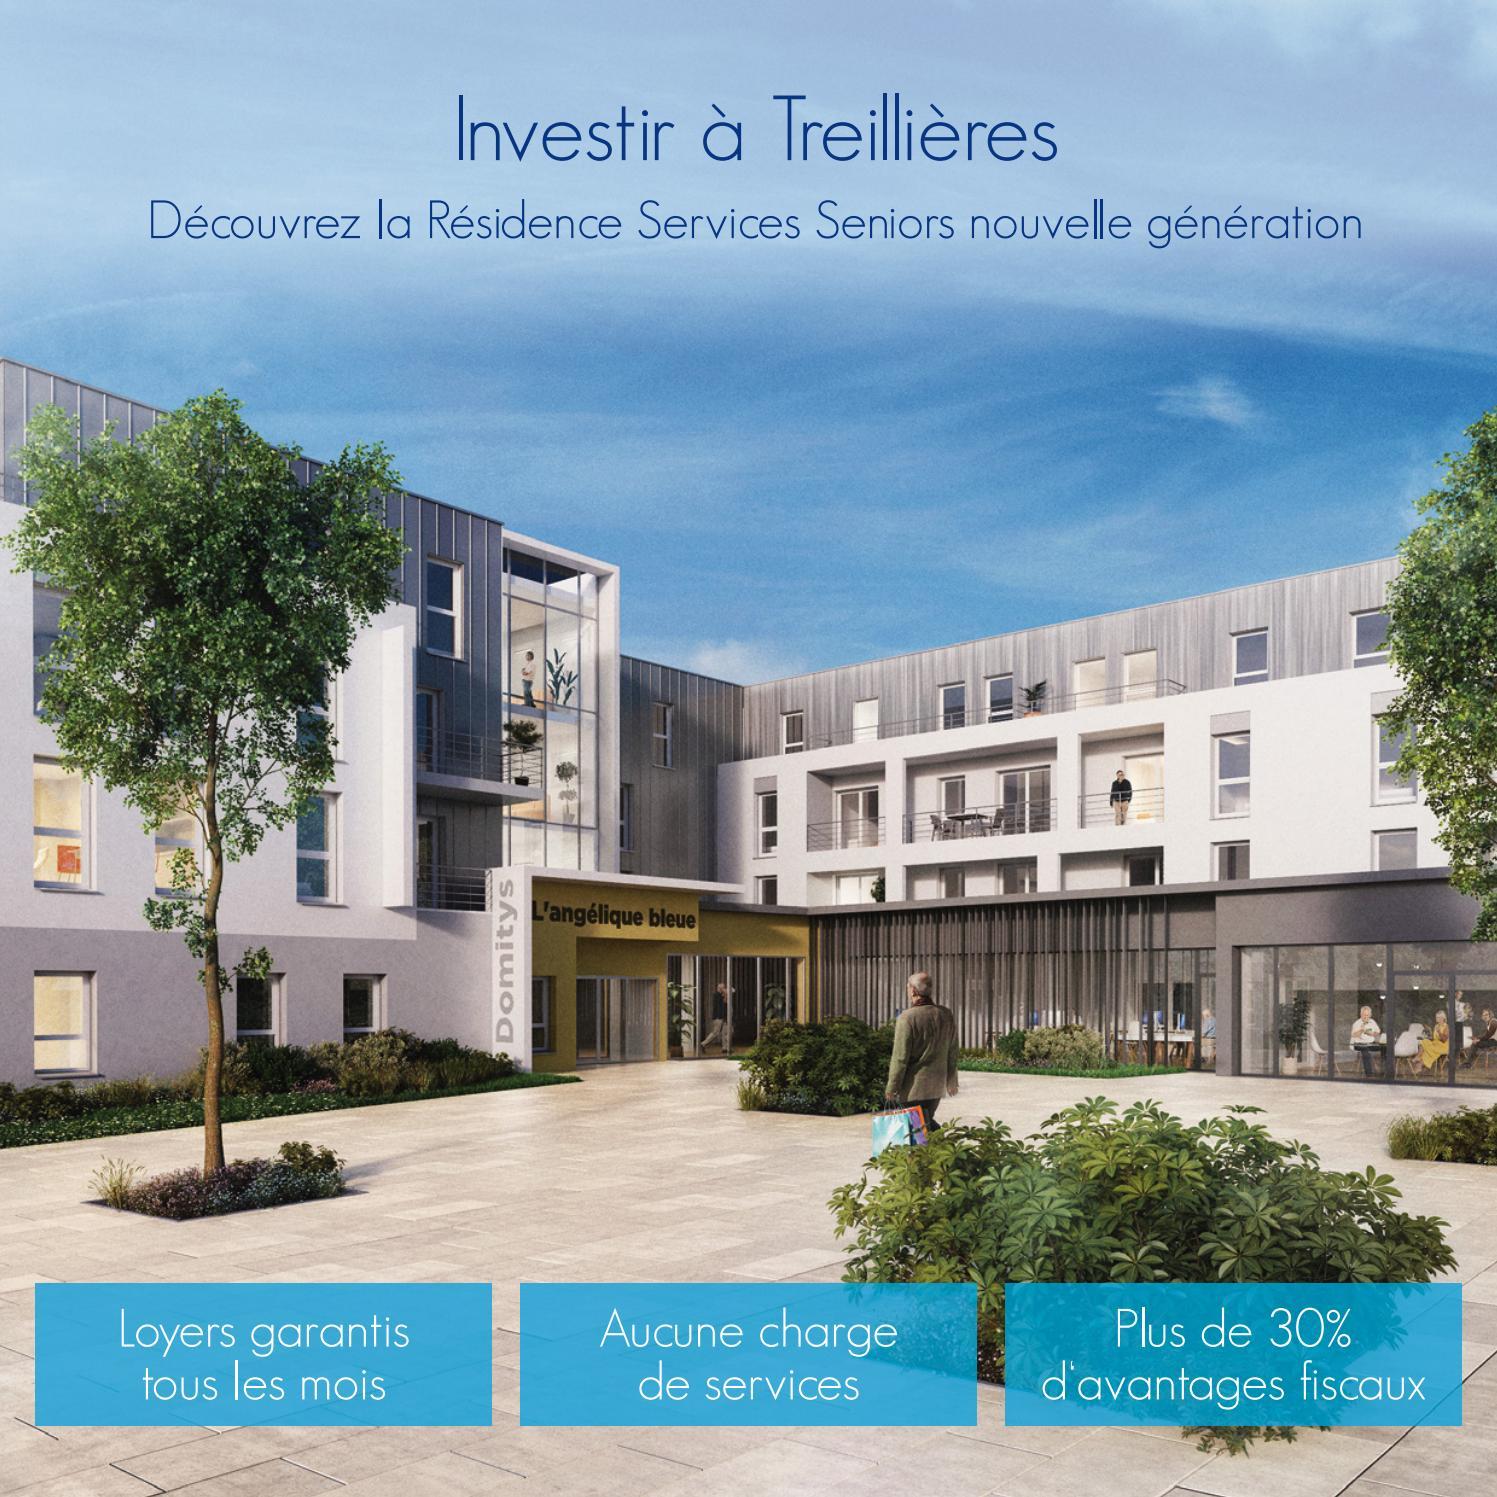 Investir À Treillières By Domitys Invest - Issuu destiné Piscine Treillieres